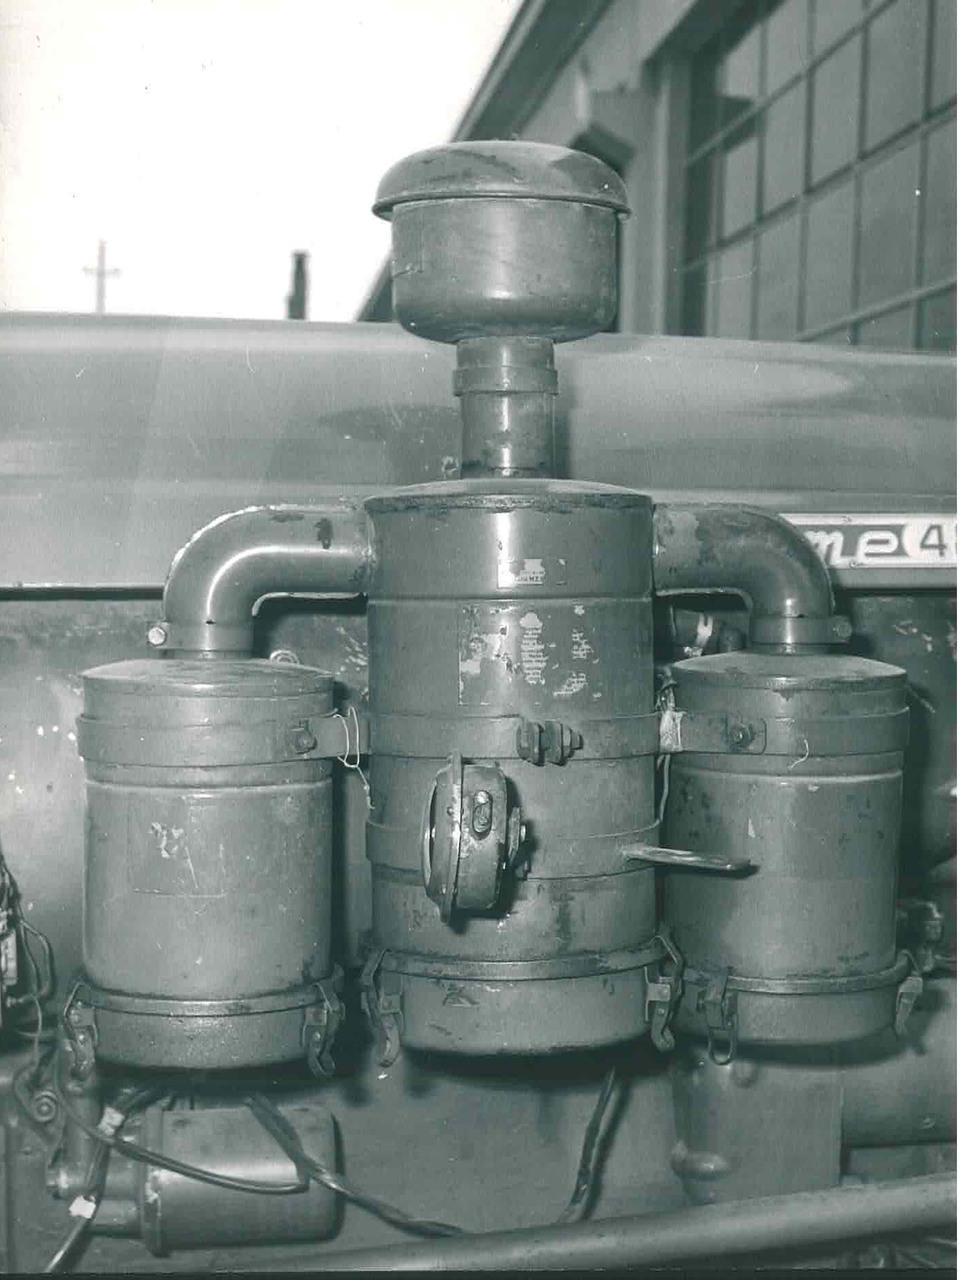 Trattore SAME 480 - Particolare dei filtri deserto